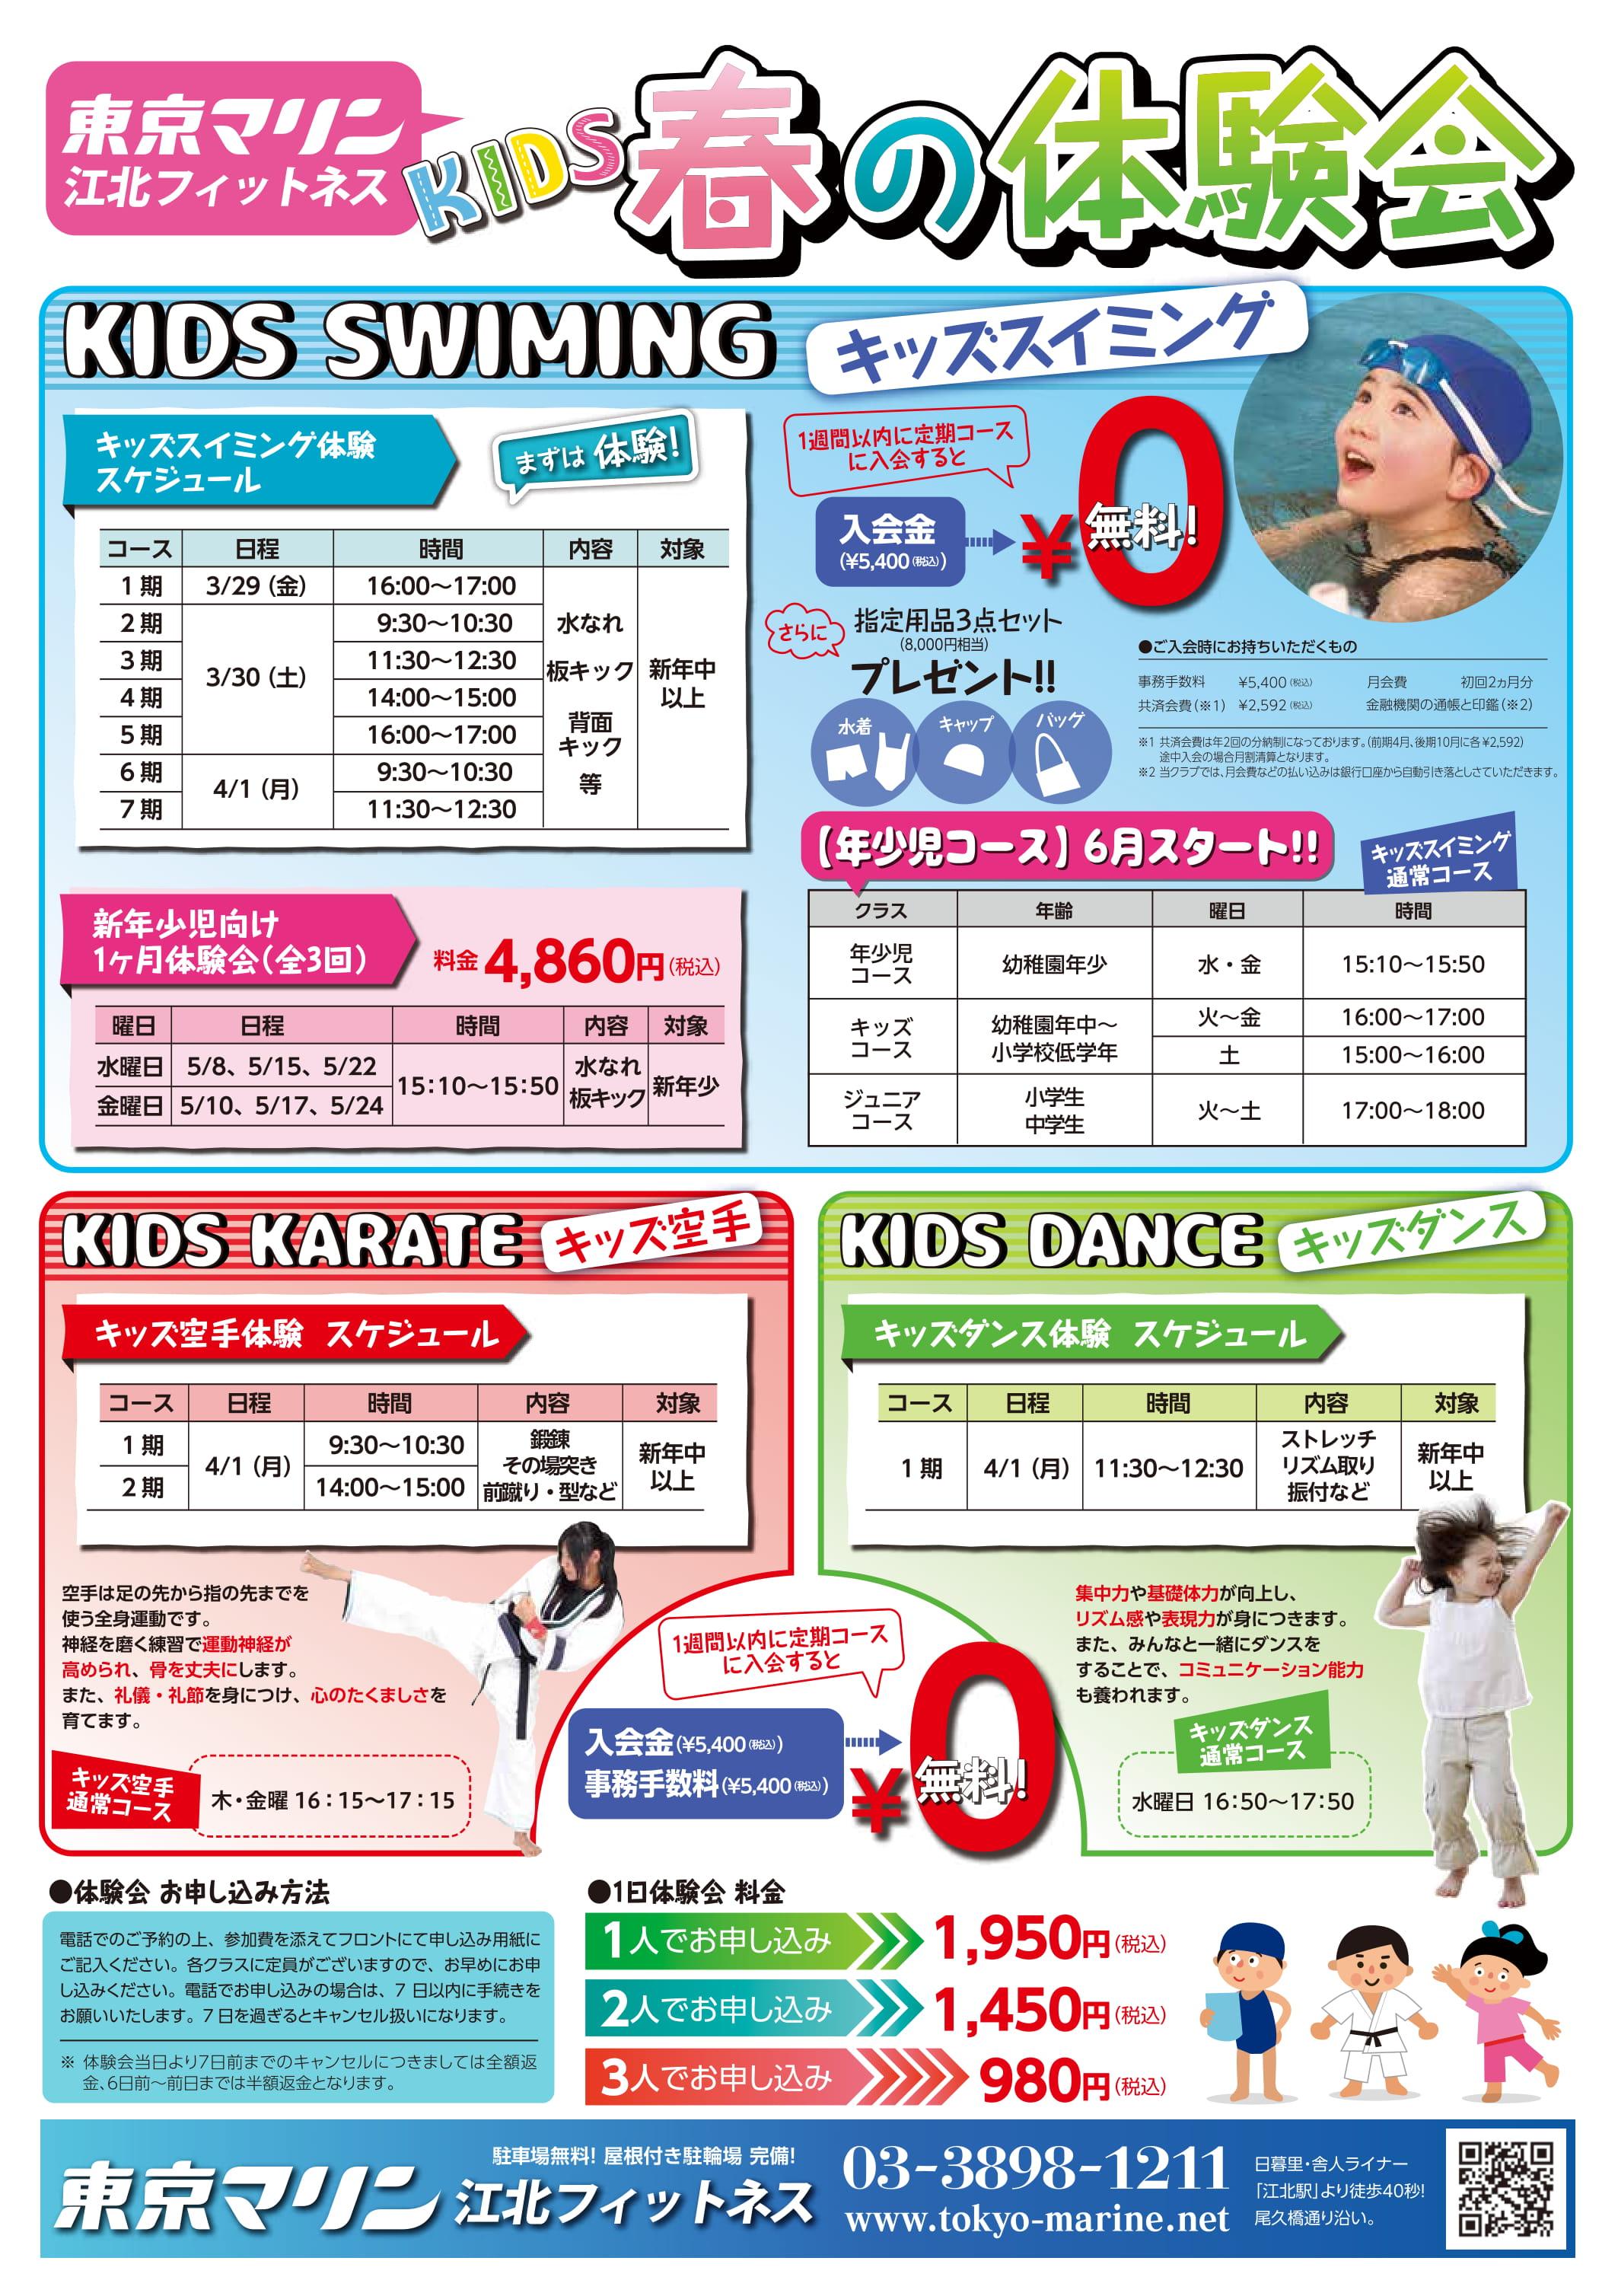 江北フィットネス 春のKIDS体験会開催!